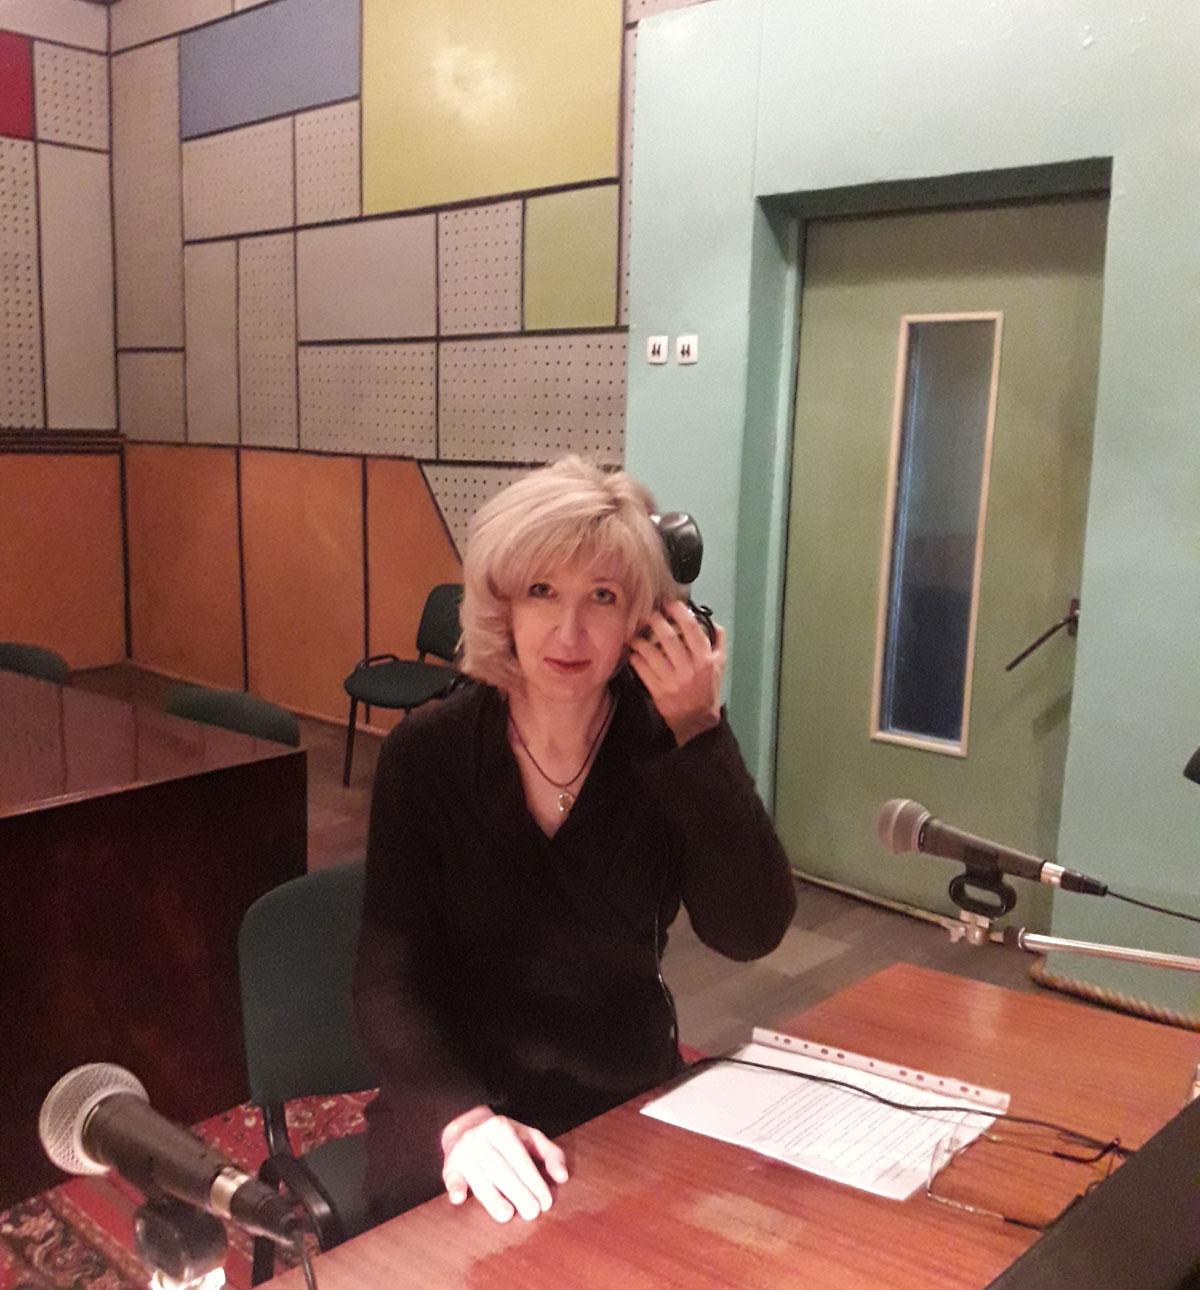 Служба зайнятості Дніпропетровщини працевлаштувала близько тисячі осіб з інвалідністю